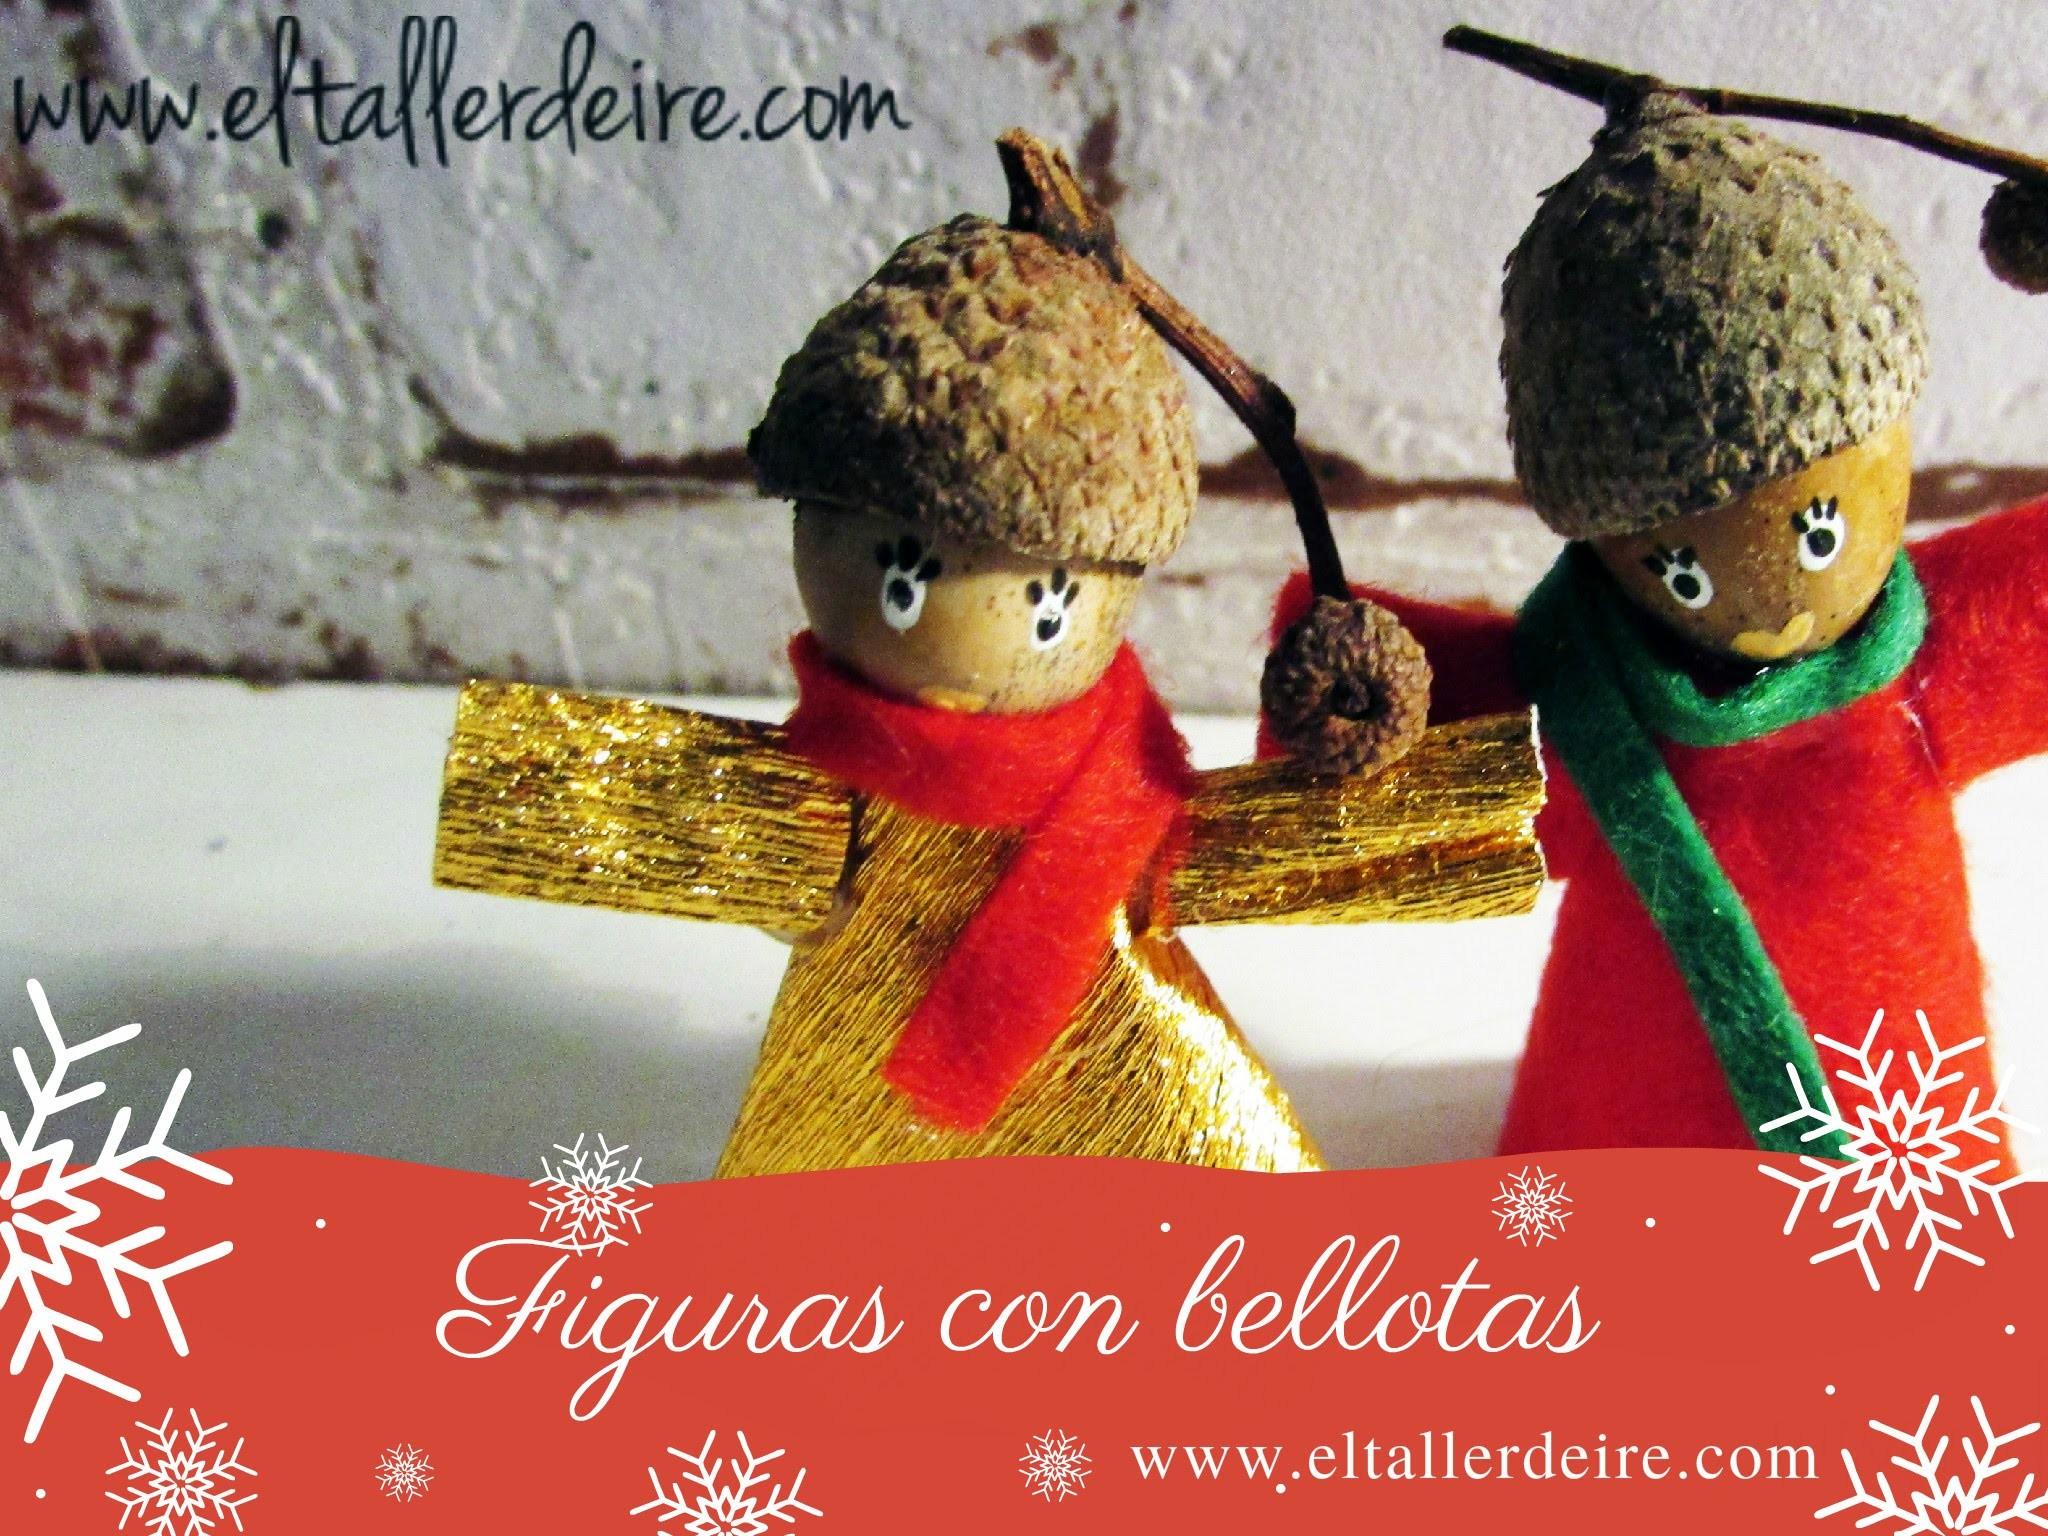 Figuras para el árbol de Navidad hechas con bellotas